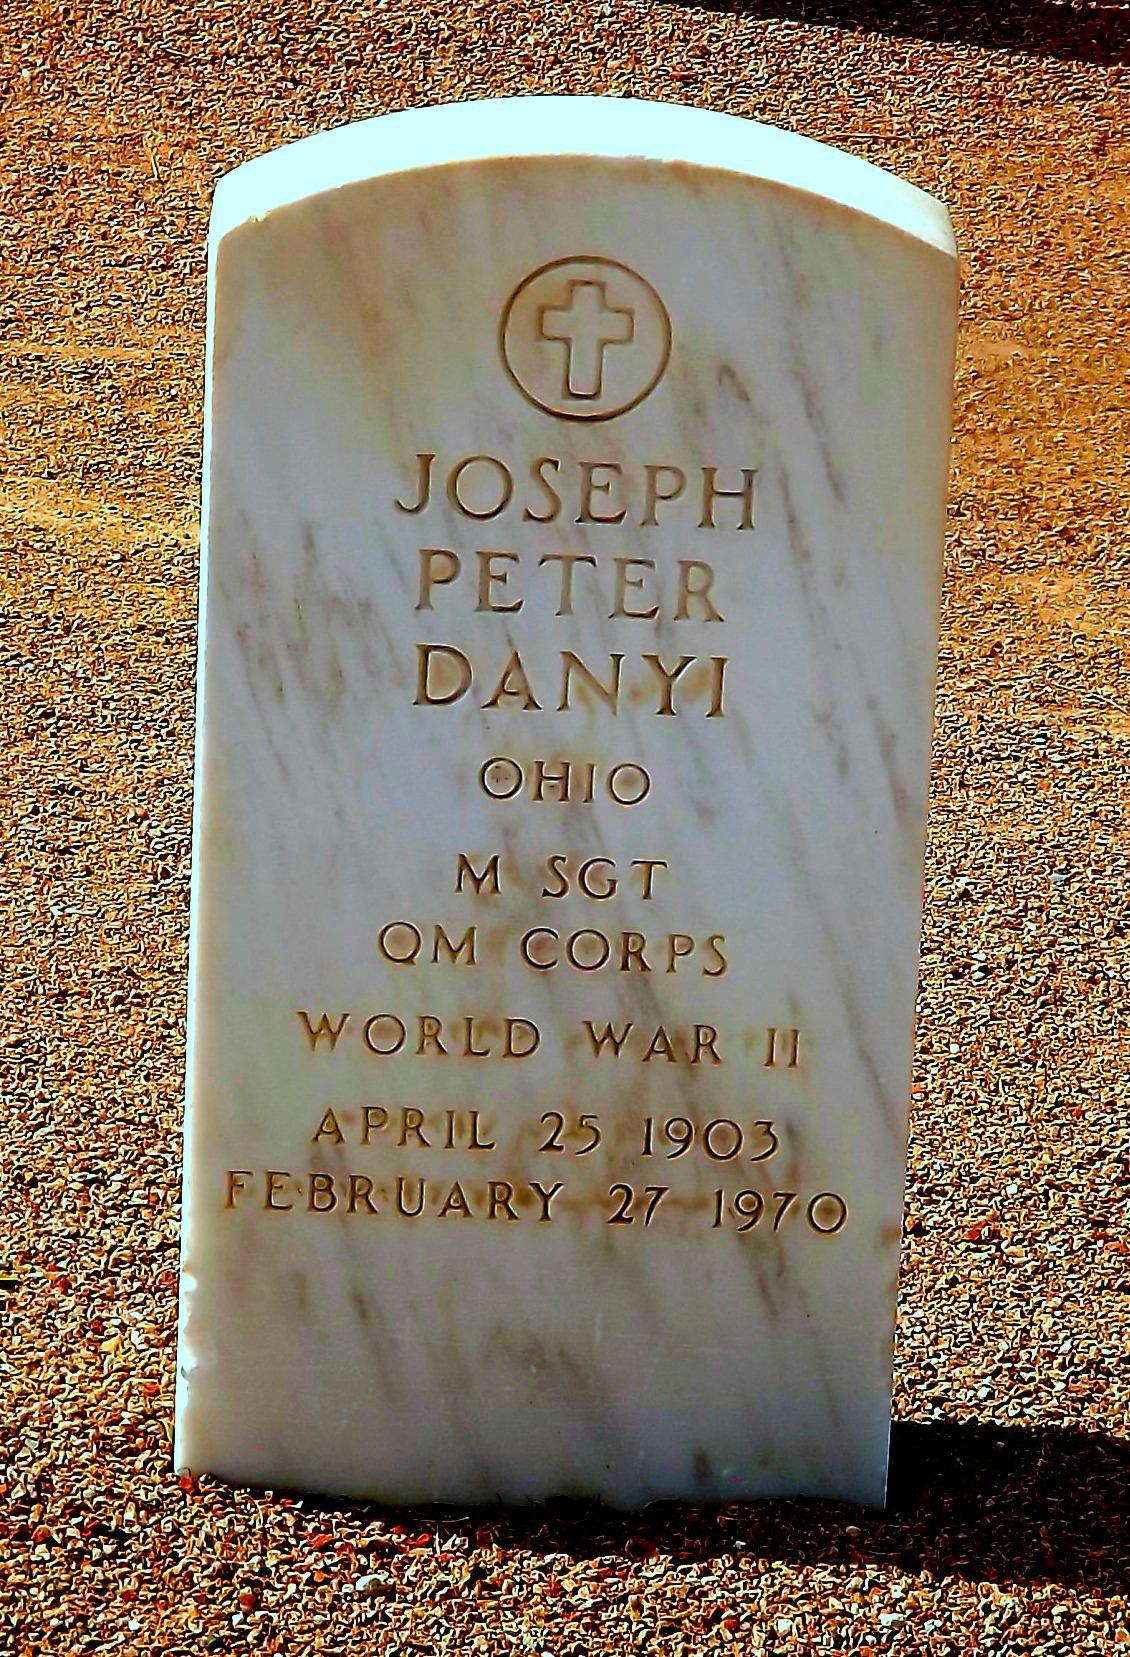 Joseph Peter Danyi